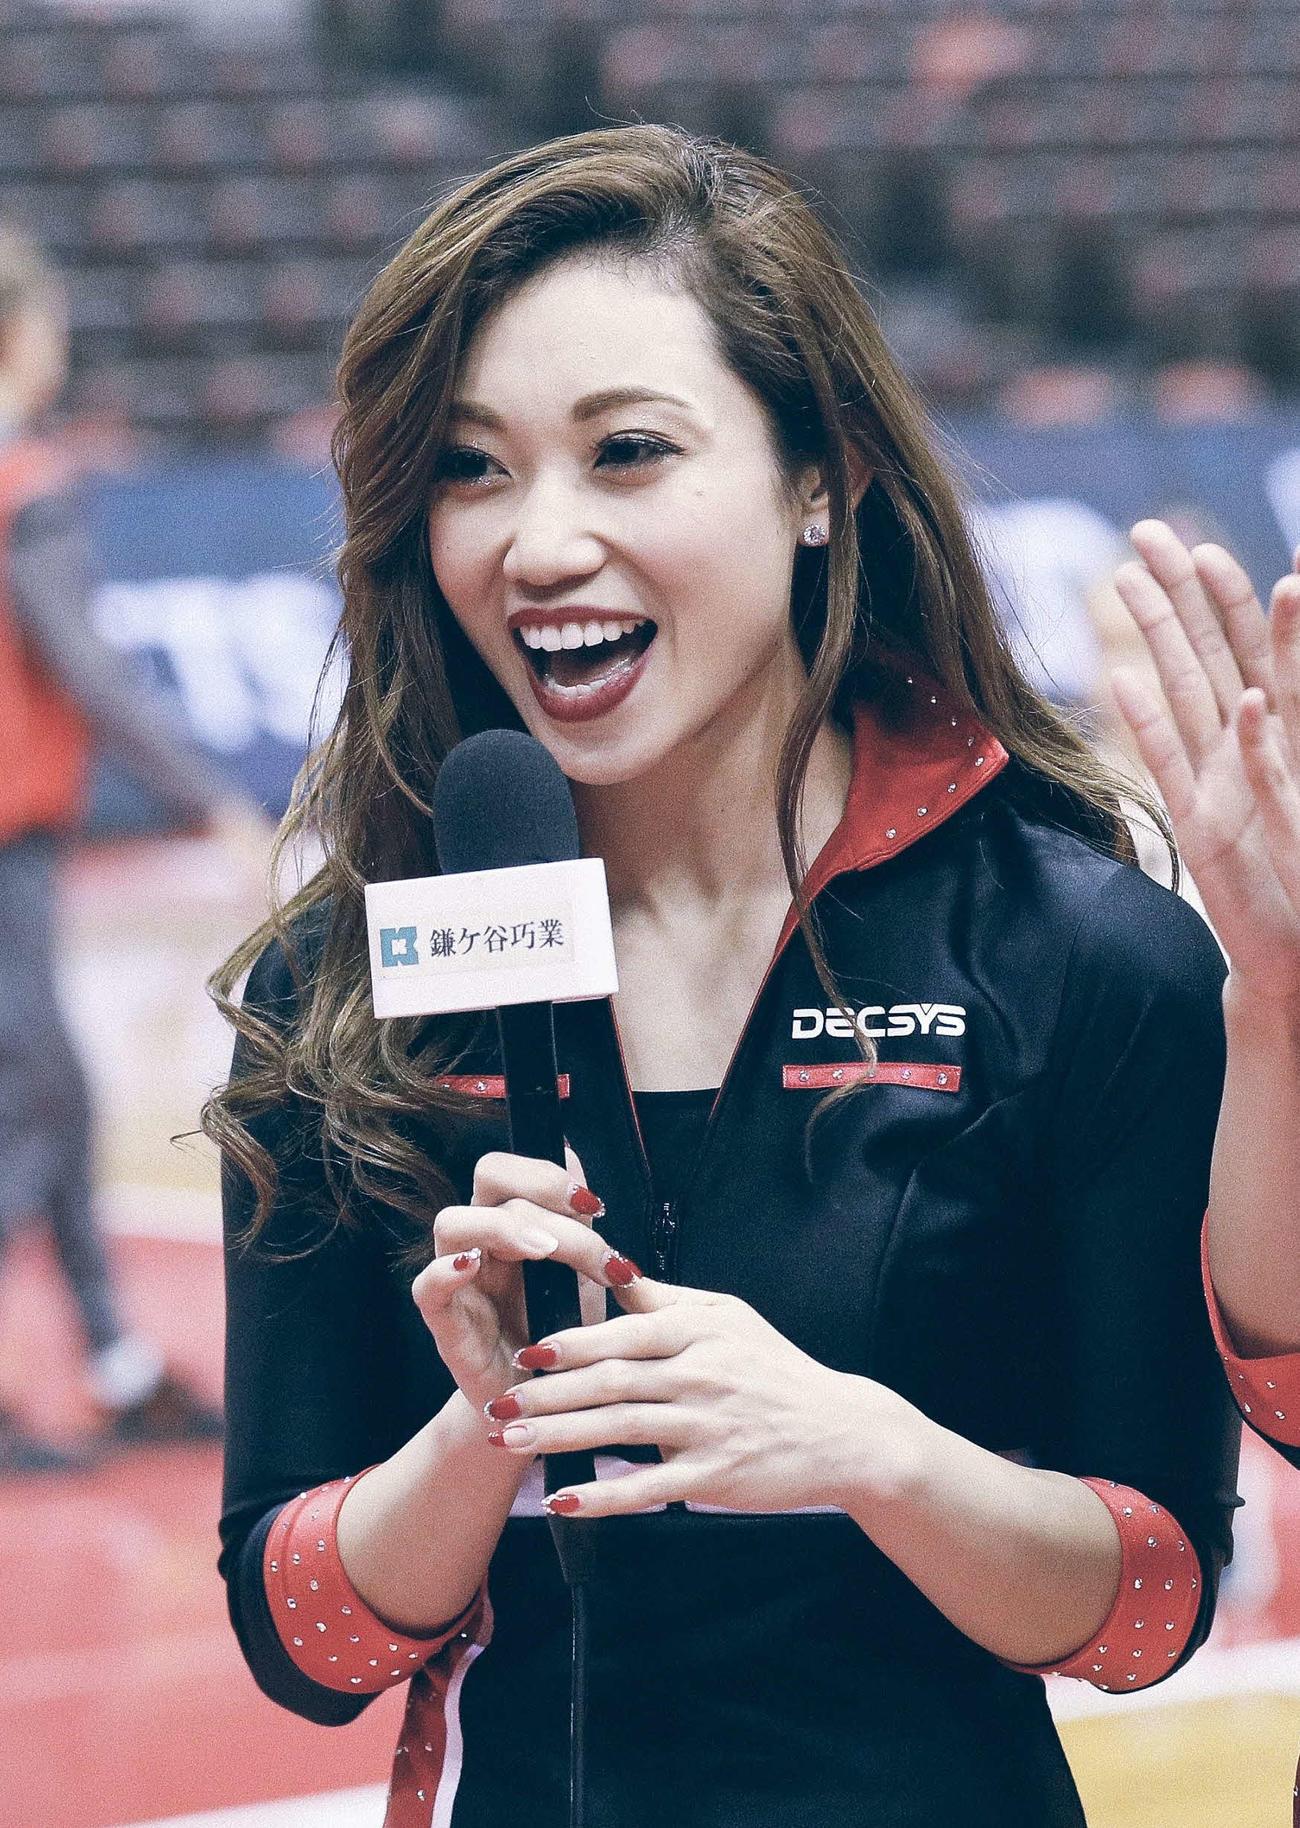 Bリーグのチアリーダーとして活躍するYuko